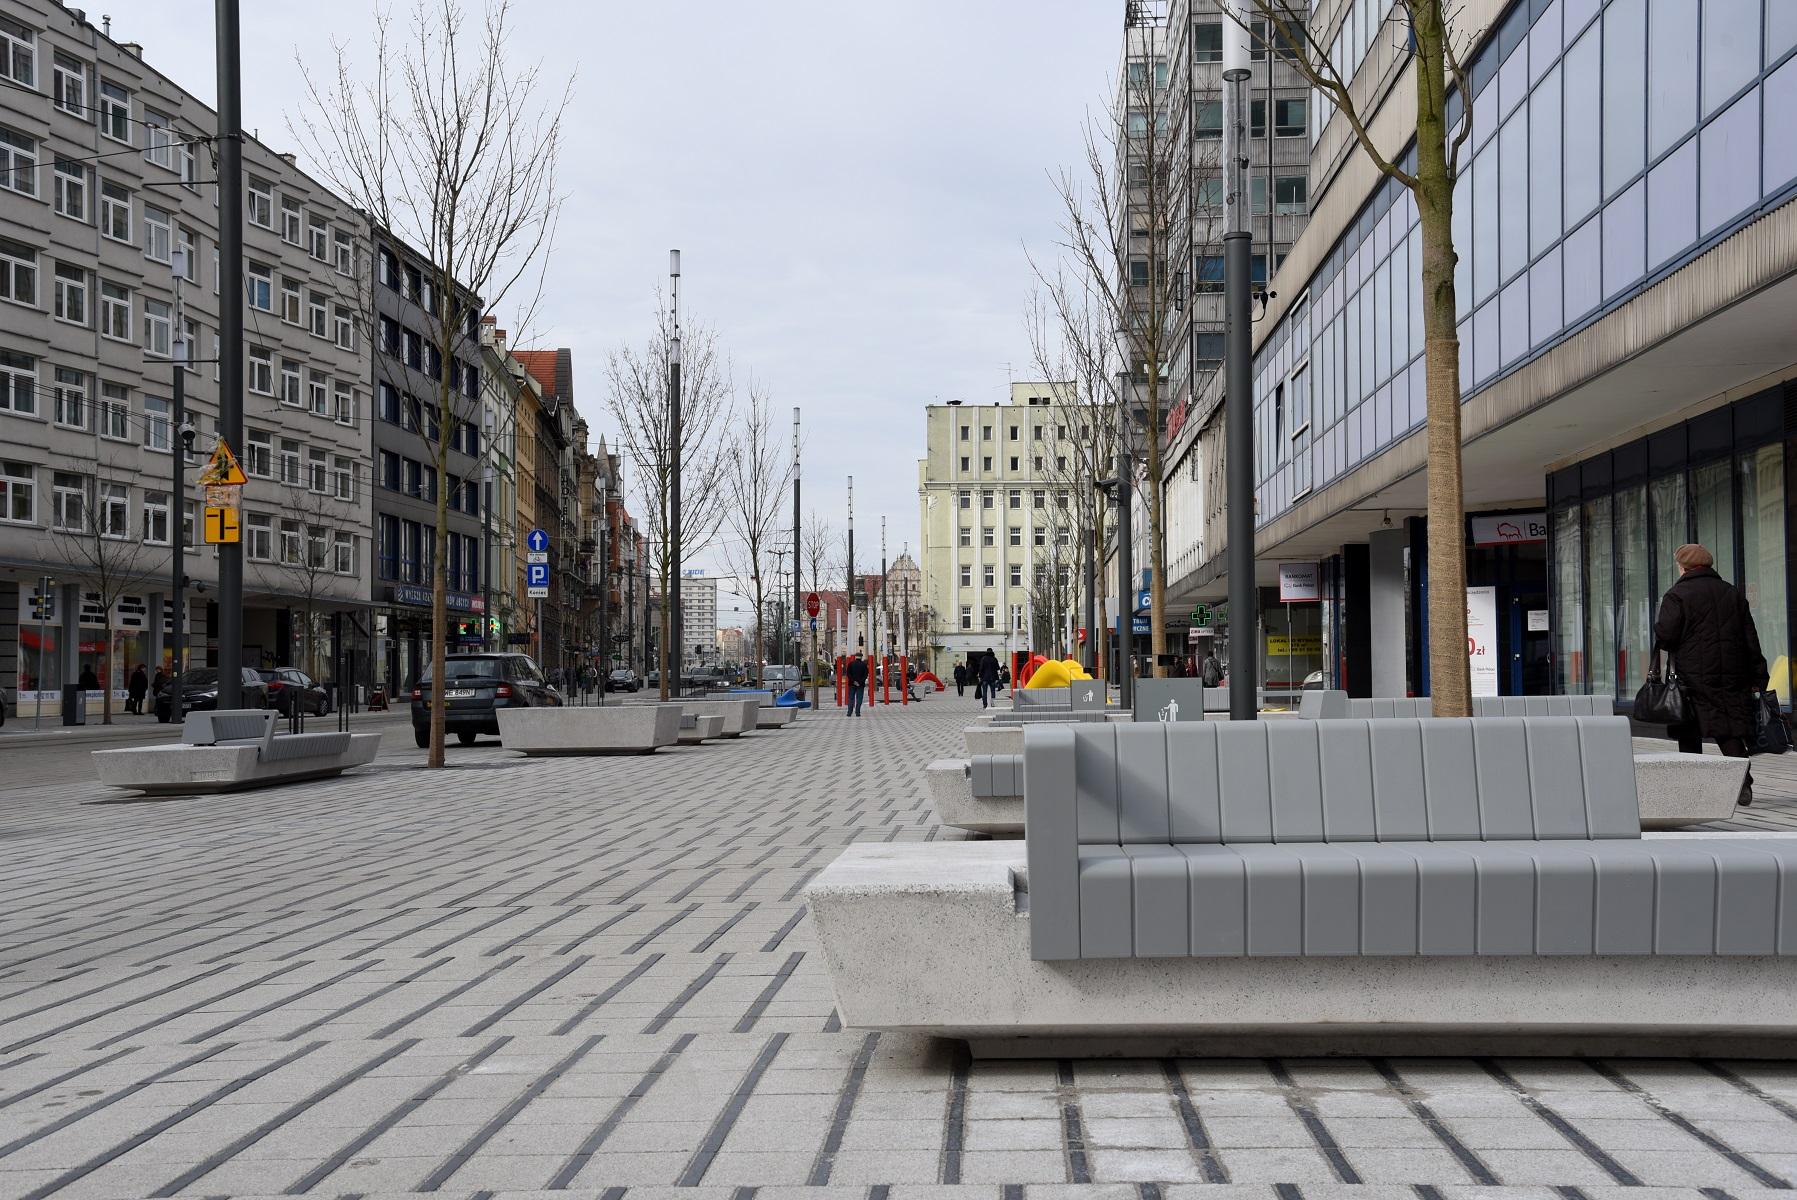 zakończyła się przebudowa ul. Święty Marcin, pomiędzy ulicami Gwarną a Ratajczaka (fot.poznan.pl)